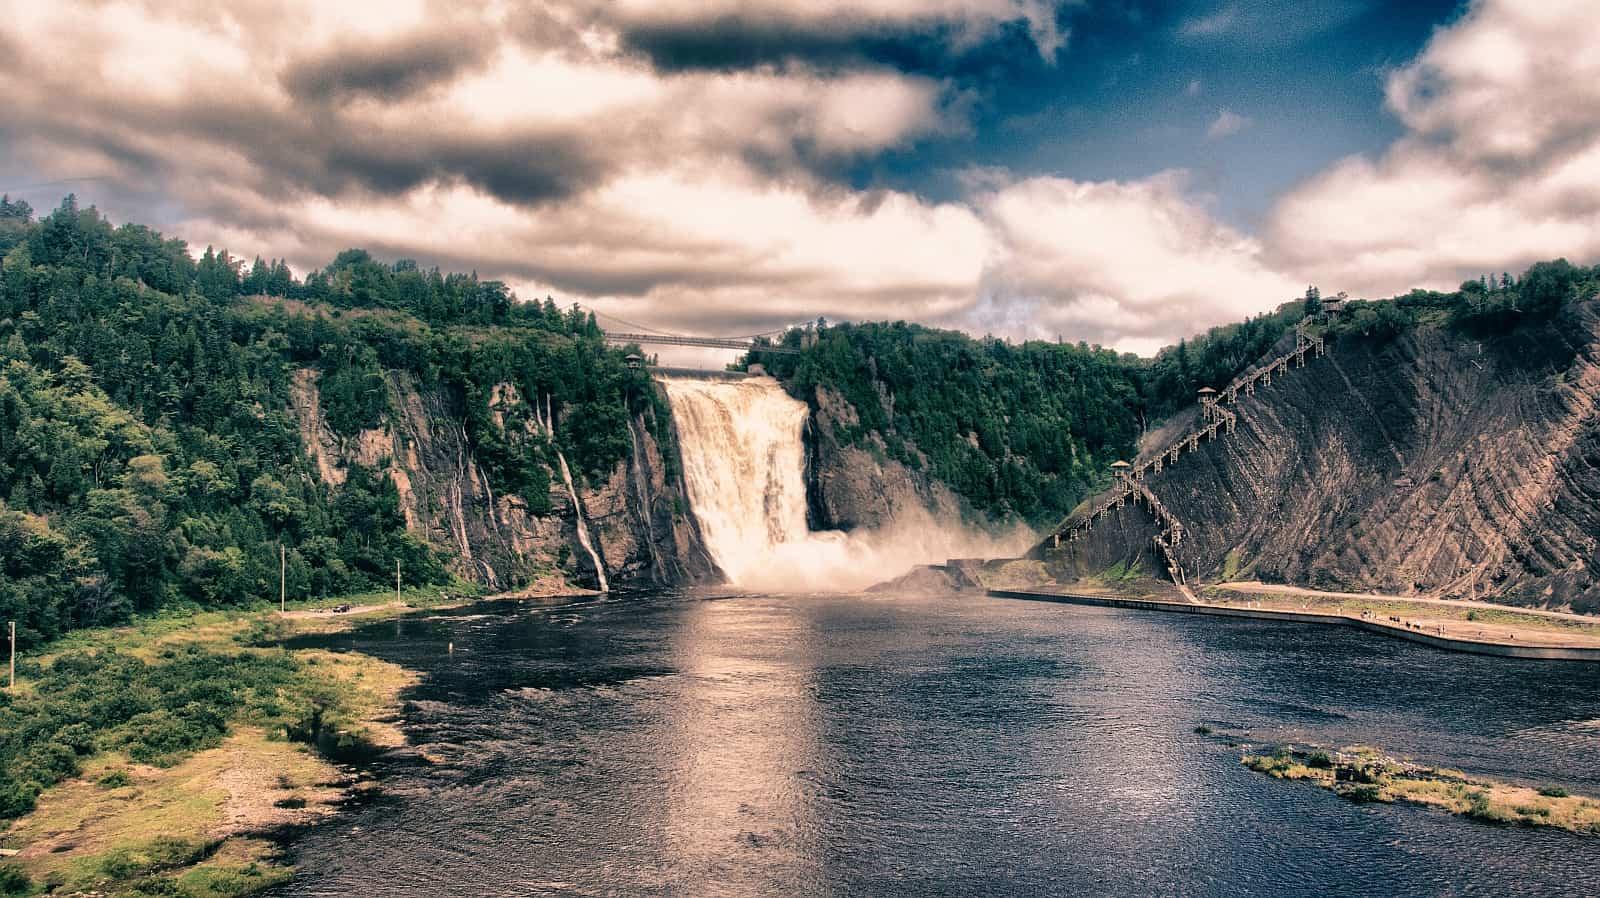 Der 83 Meter hohe Montmorency-Fall ist eine der Touristenattraktionen im Umland von Quebec City.